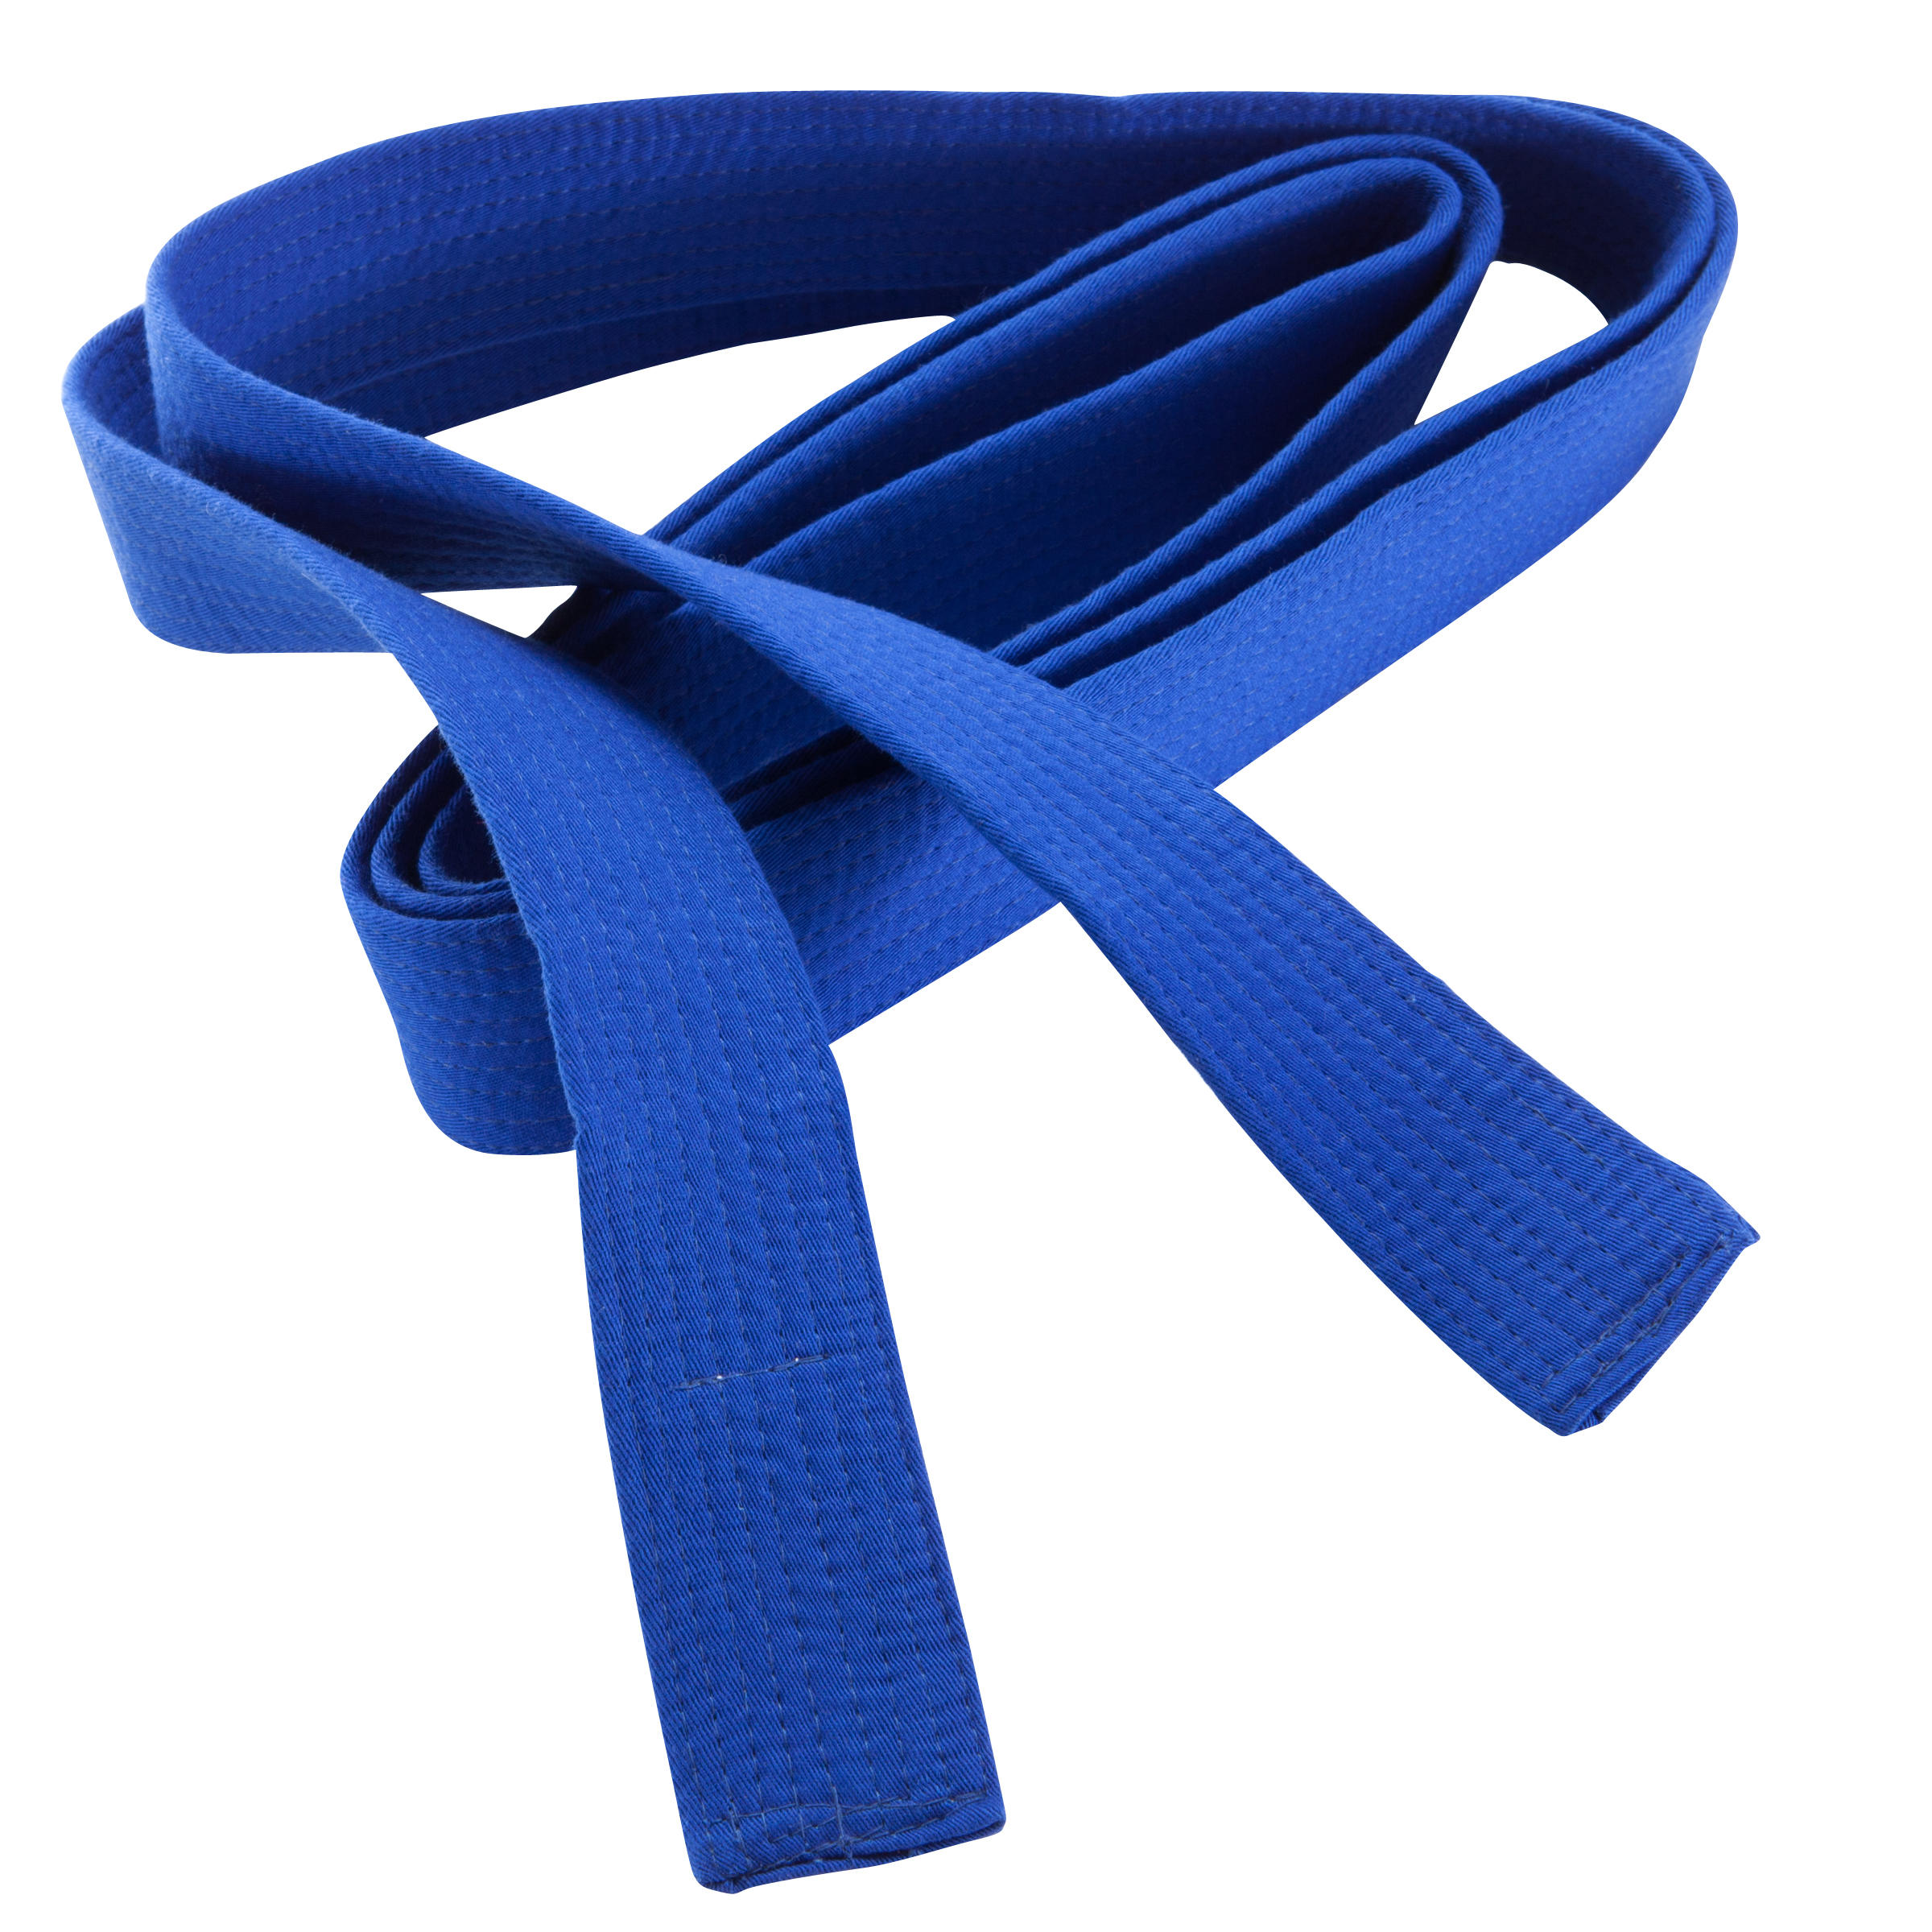 Centură Piquée 3,1M Albastru